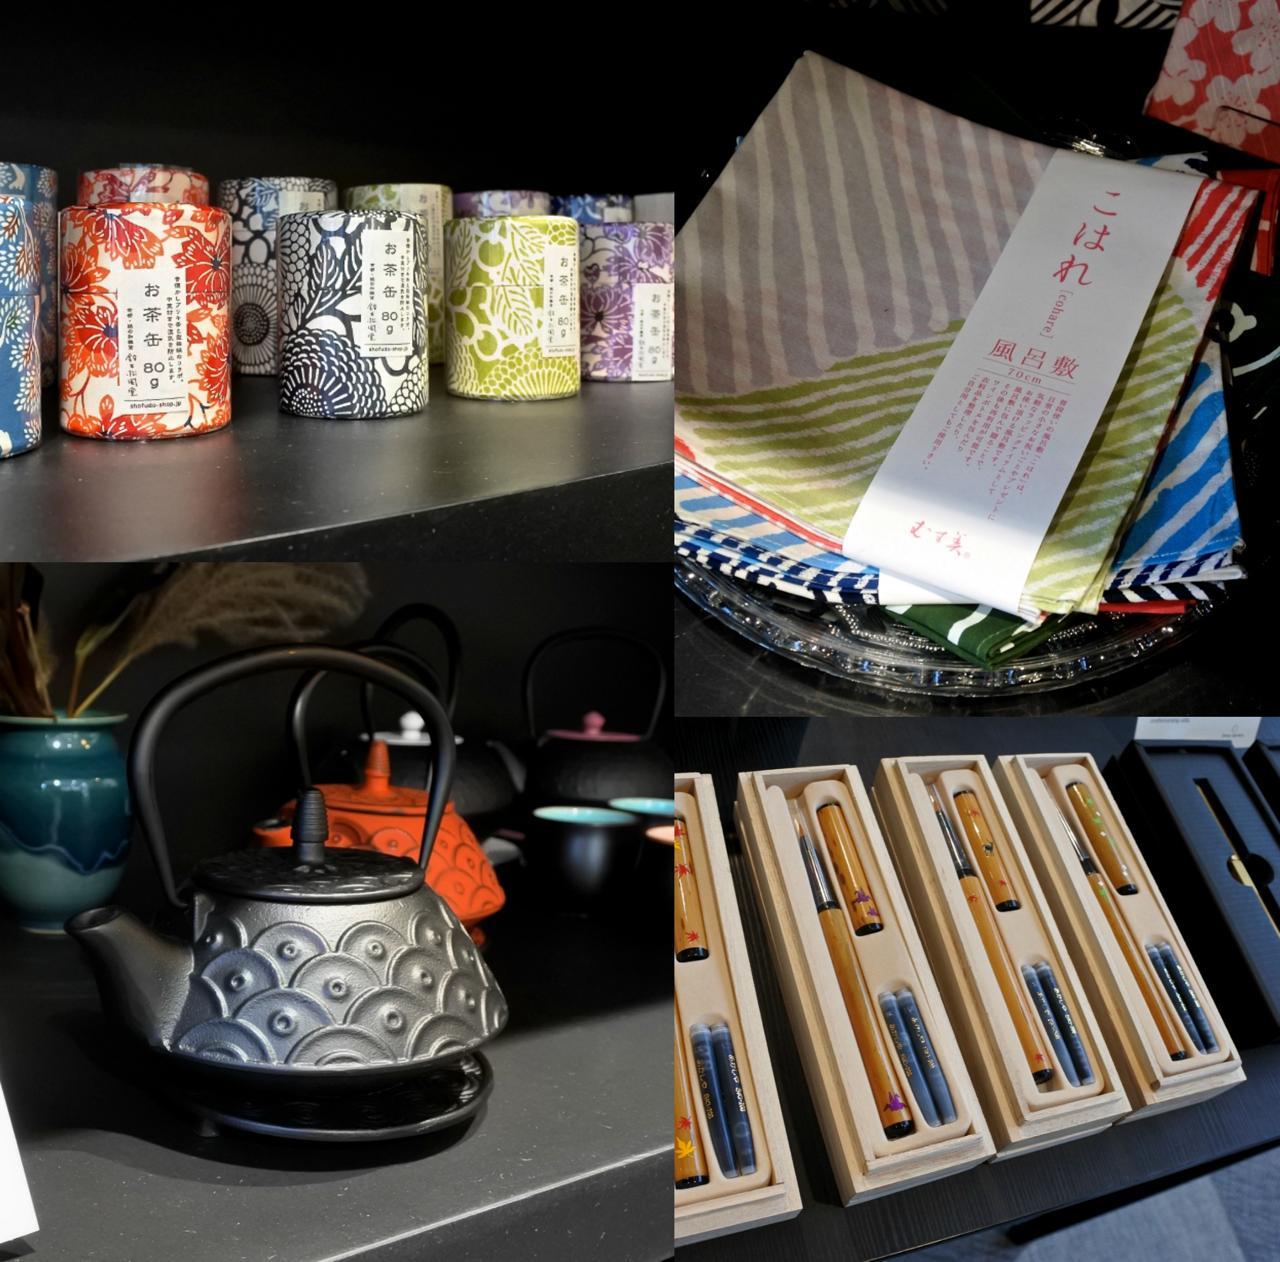 鉄瓶や筆ペン、茶筒に風呂敷、日本おステーショナリーなど、美しくも繊細な日本文化を紹介するのにちょうどいいアイテムばかりをセレクト。